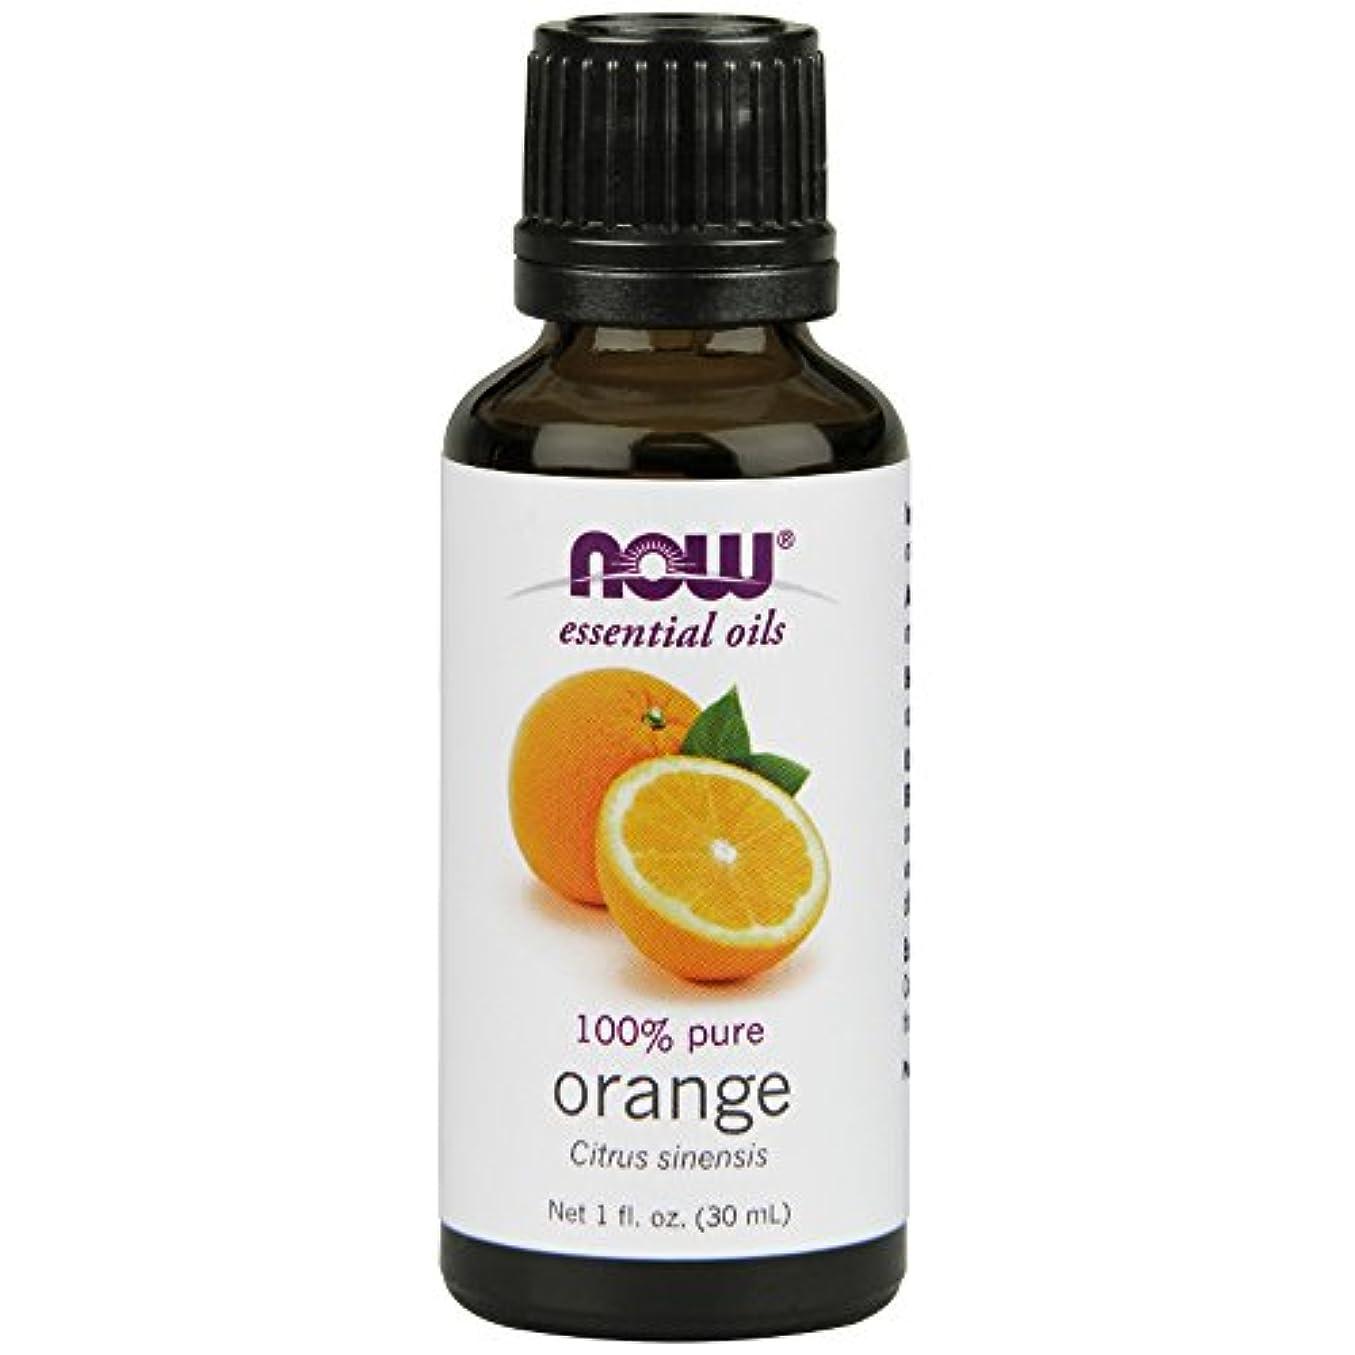 ナットゆりがっかりするNOWエッセンシャルオイル オレンジ精油 アロマオイル 30ml 【正規輸入品】